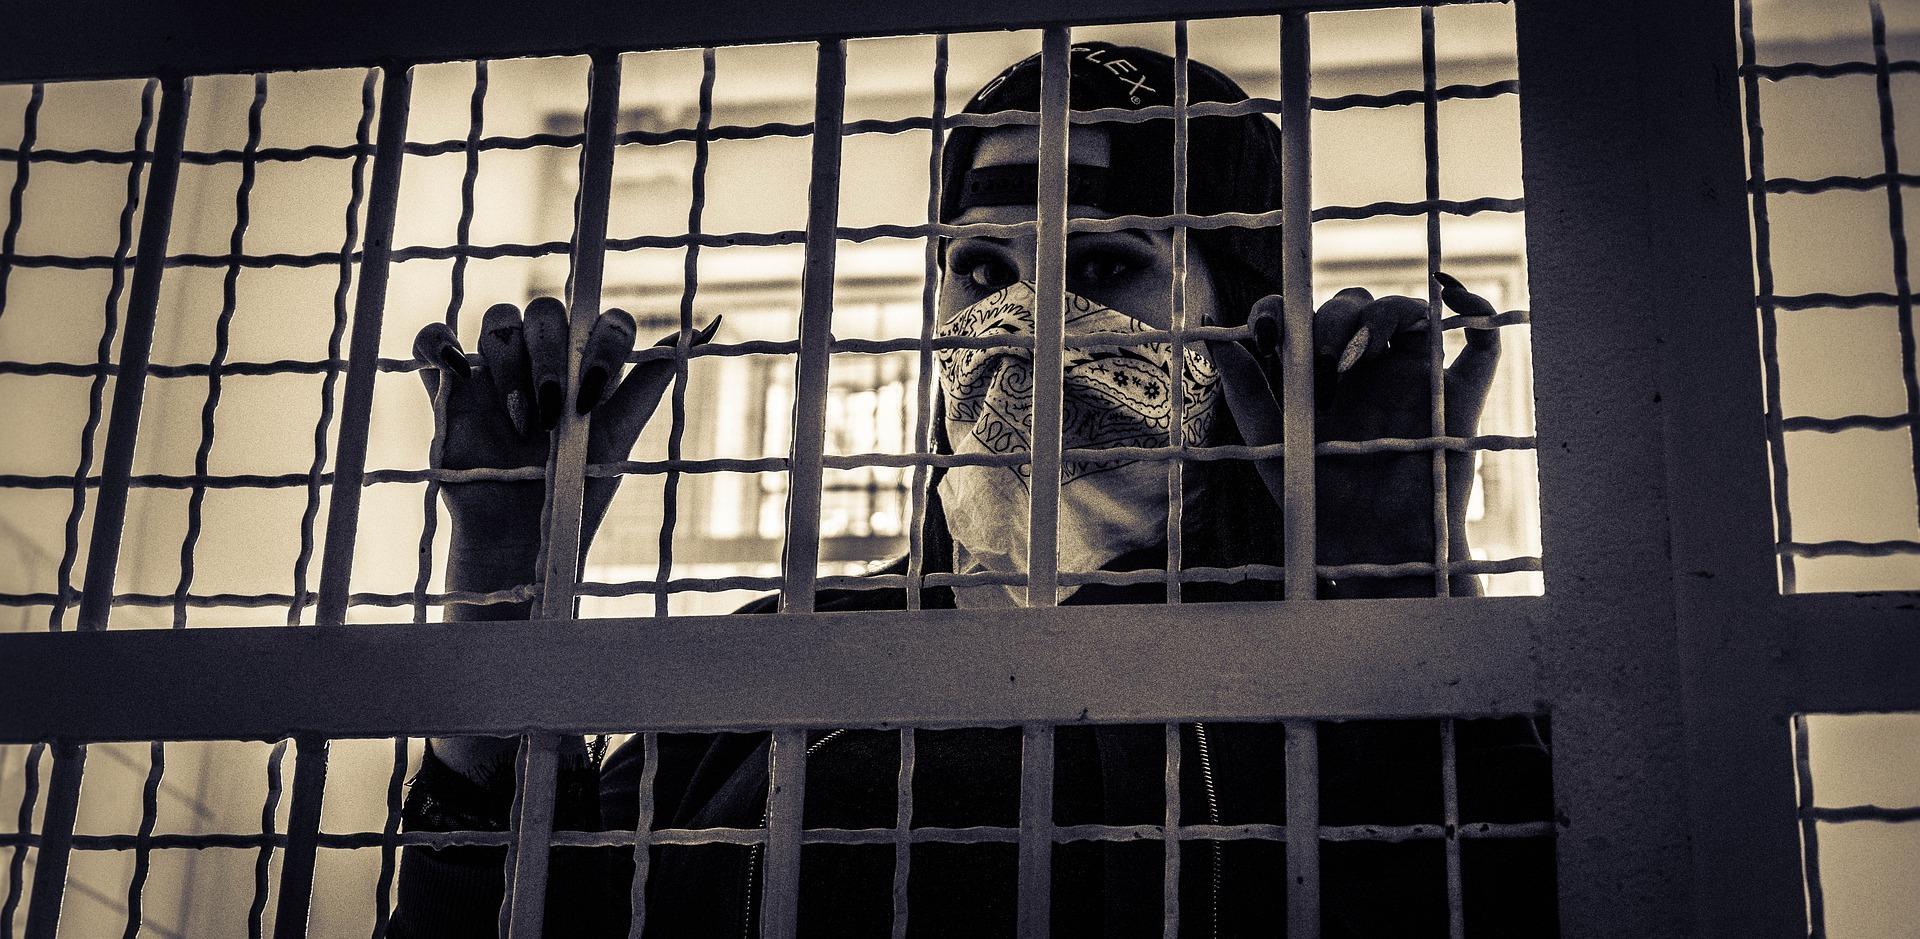 L'extradition ne peut être accordée en cas de risque de violation des droits de l'homme